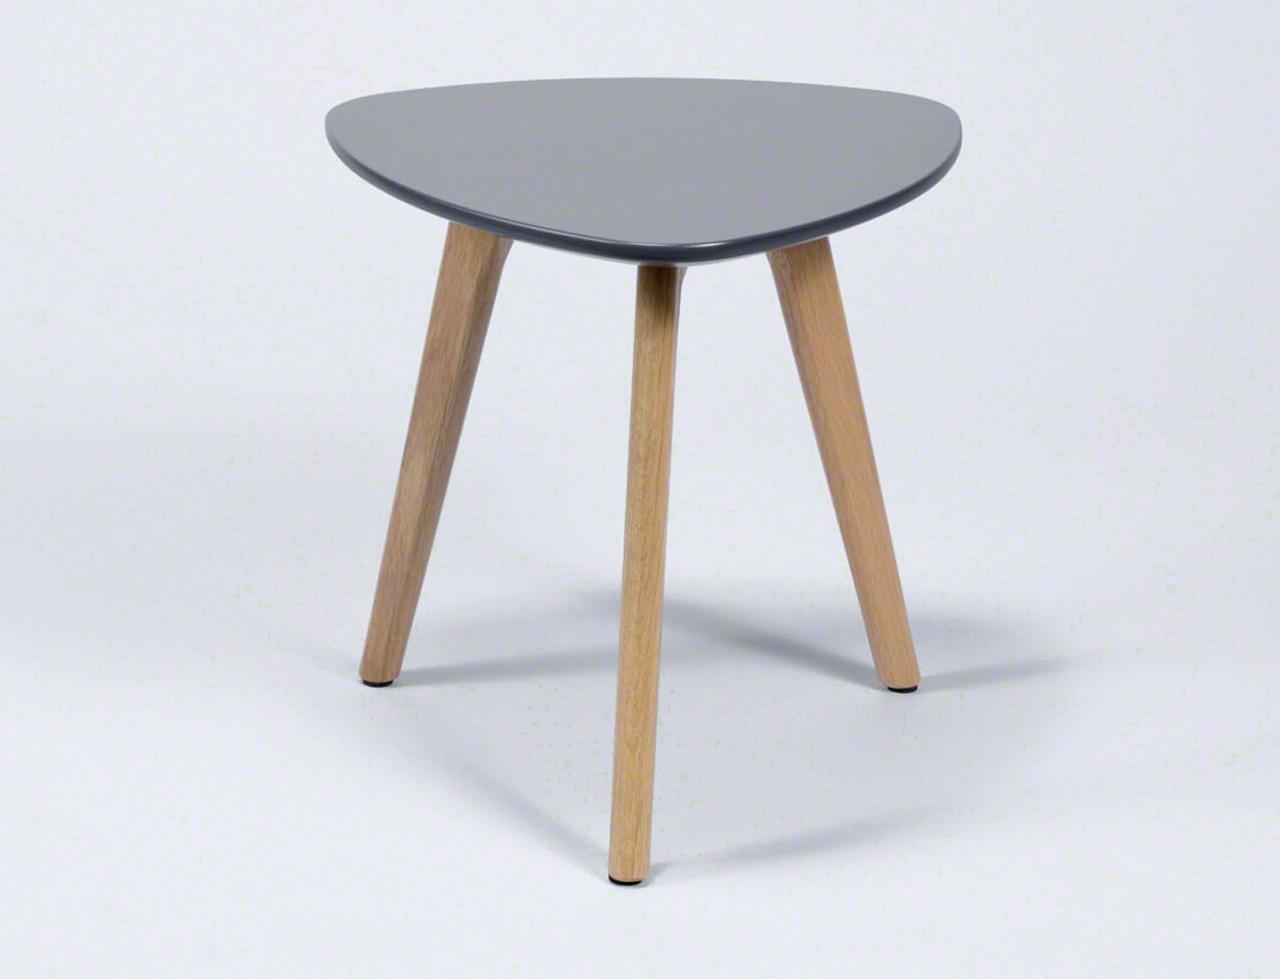 beistelltisch mit 3 tischbeinen 2 gr en tischplatte grau lackiert. Black Bedroom Furniture Sets. Home Design Ideas